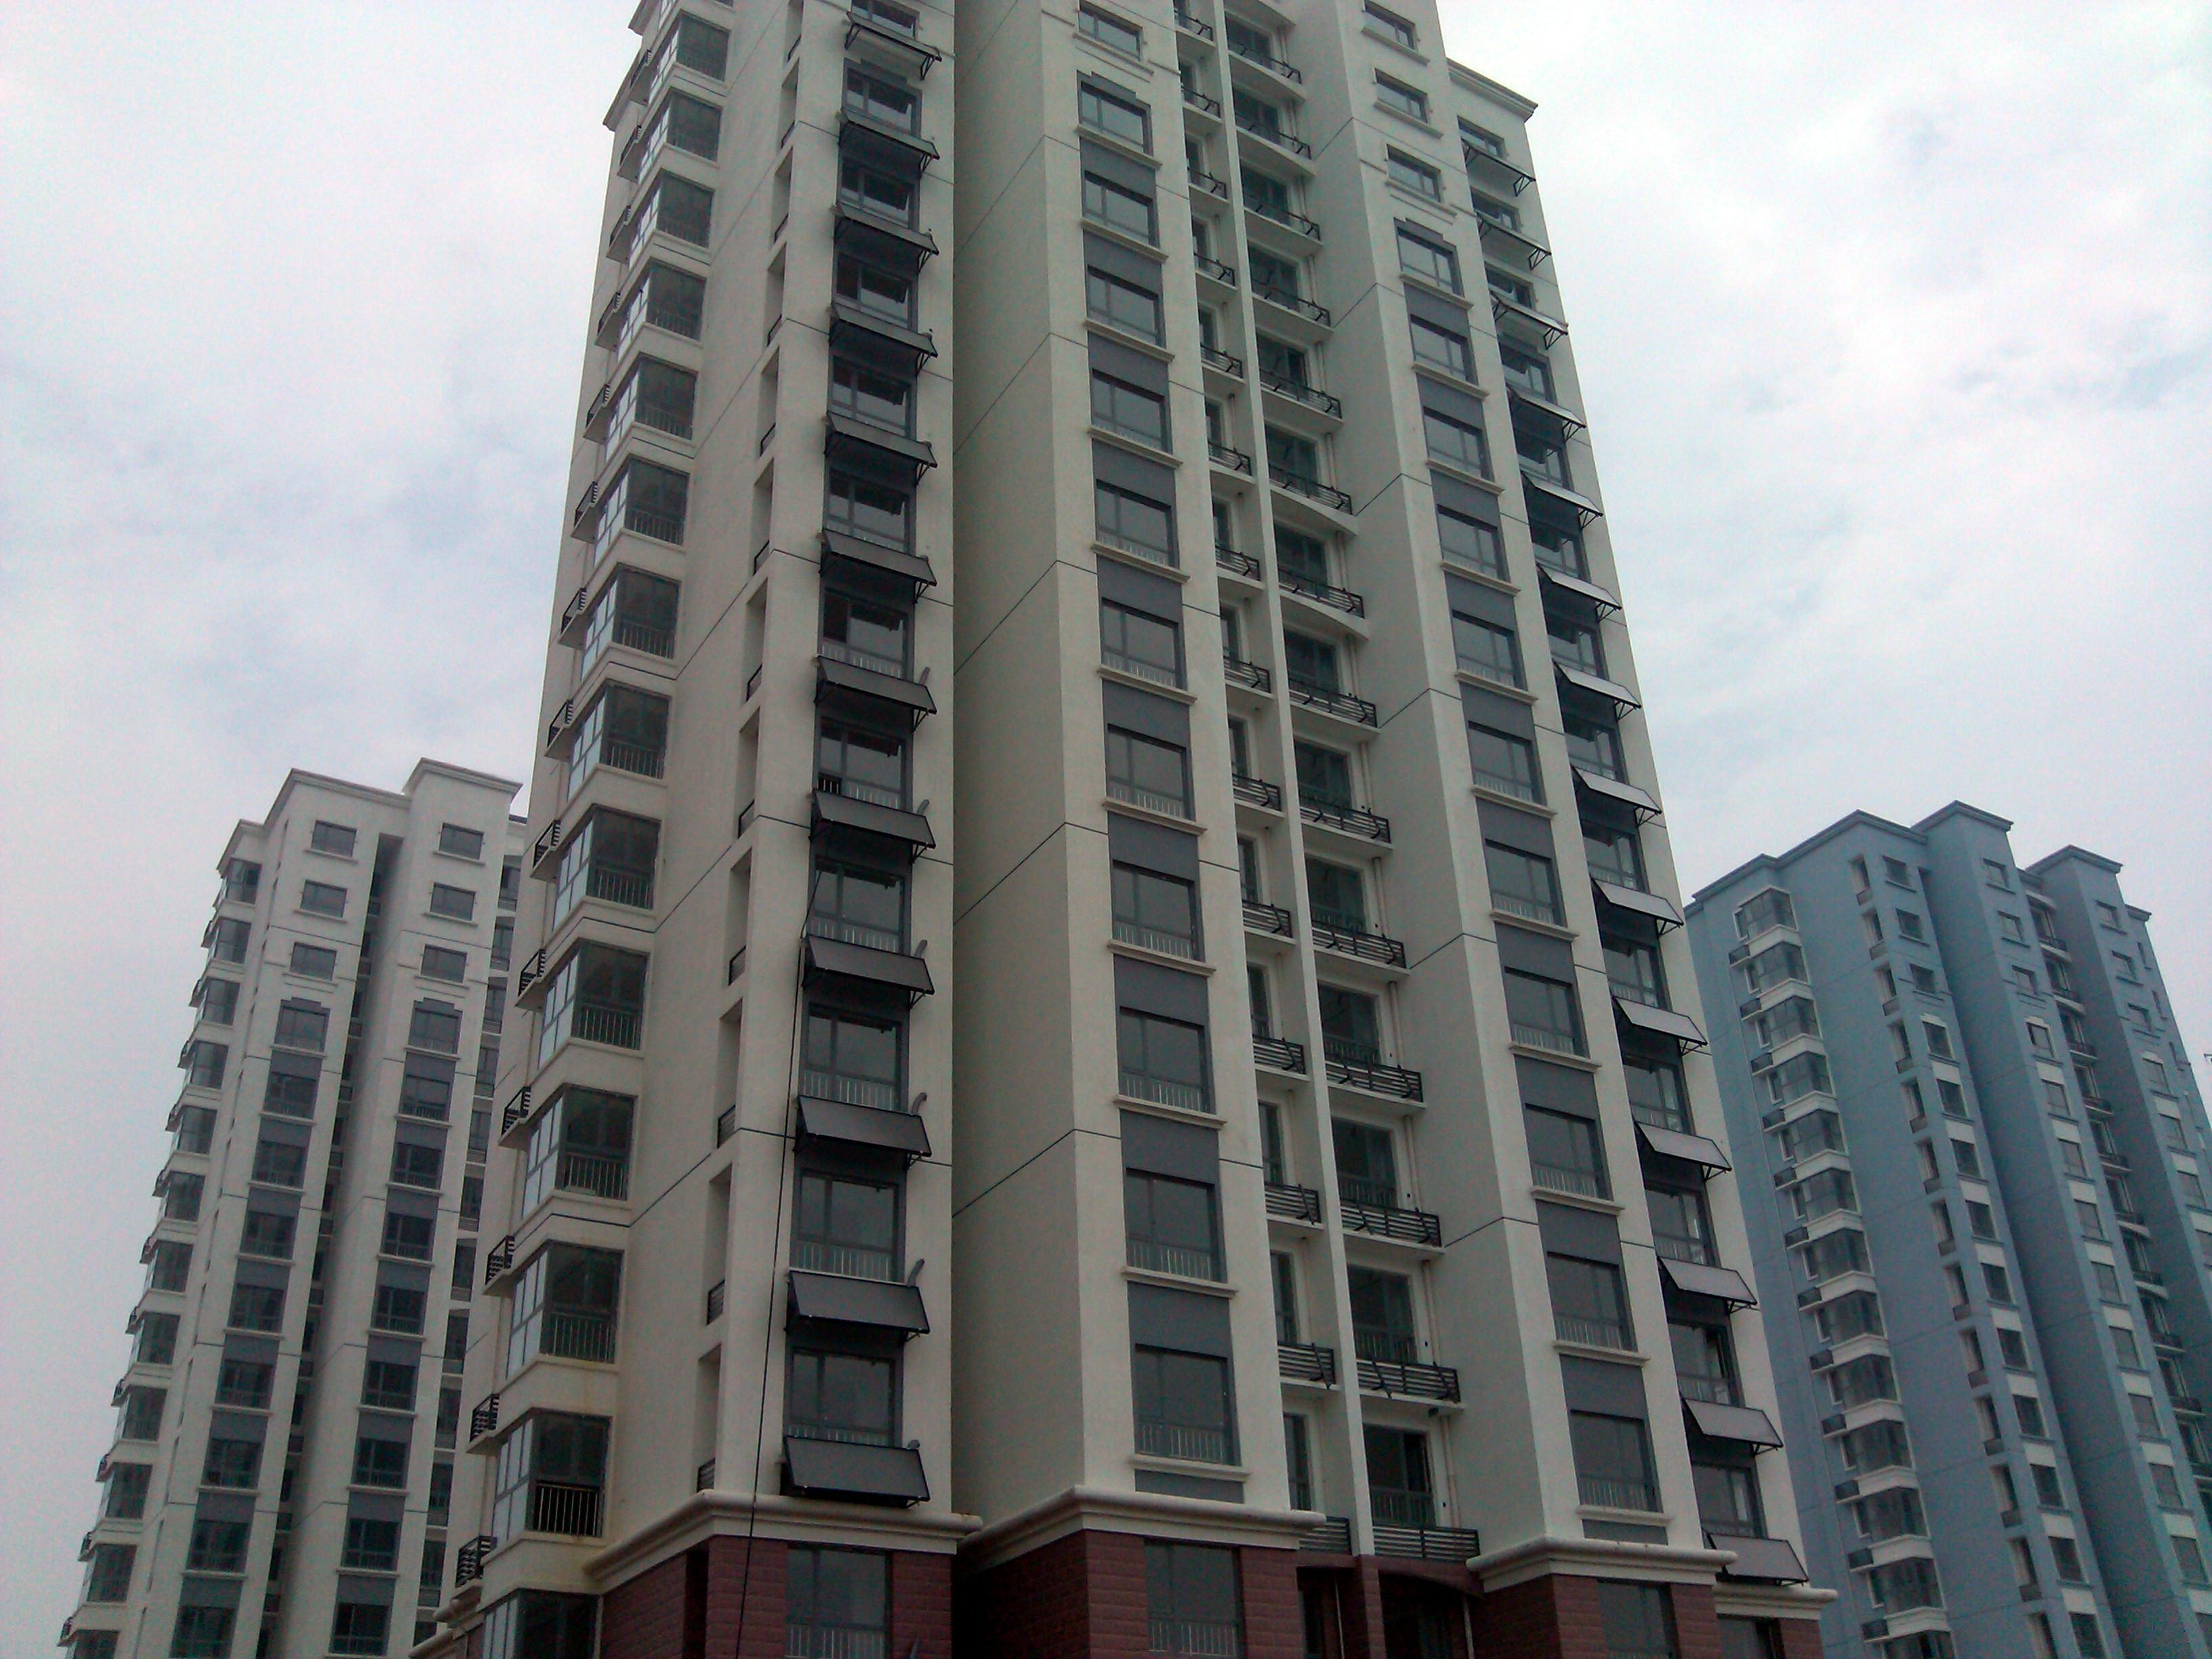 住宅建筑面积净密度与住宅建筑面积毛密度分别是什么